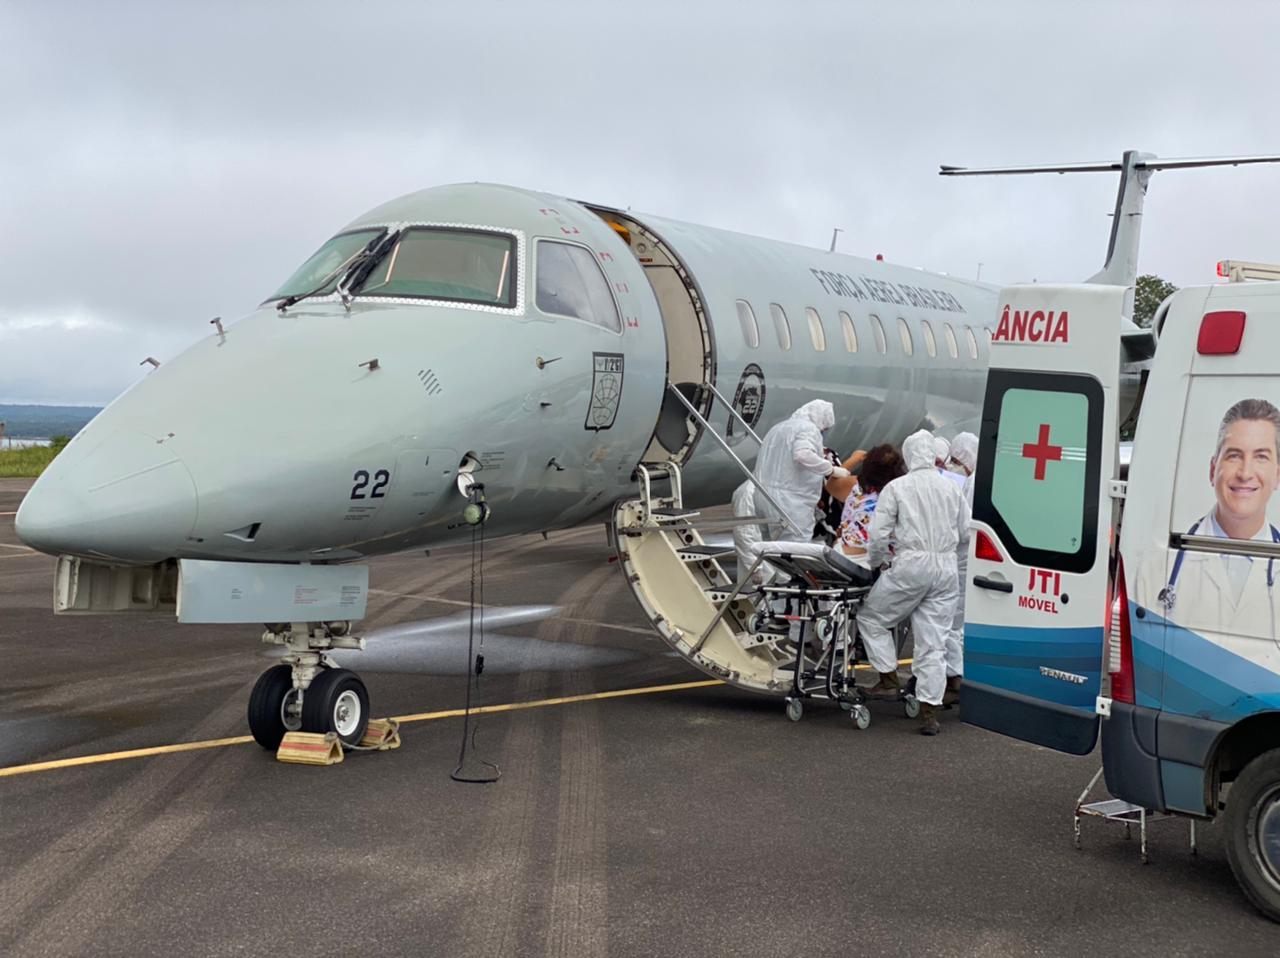 Manaus envia pacientes com Covid-19 para Teresina - Foto: Divulgação/Força Aérea Brasileira